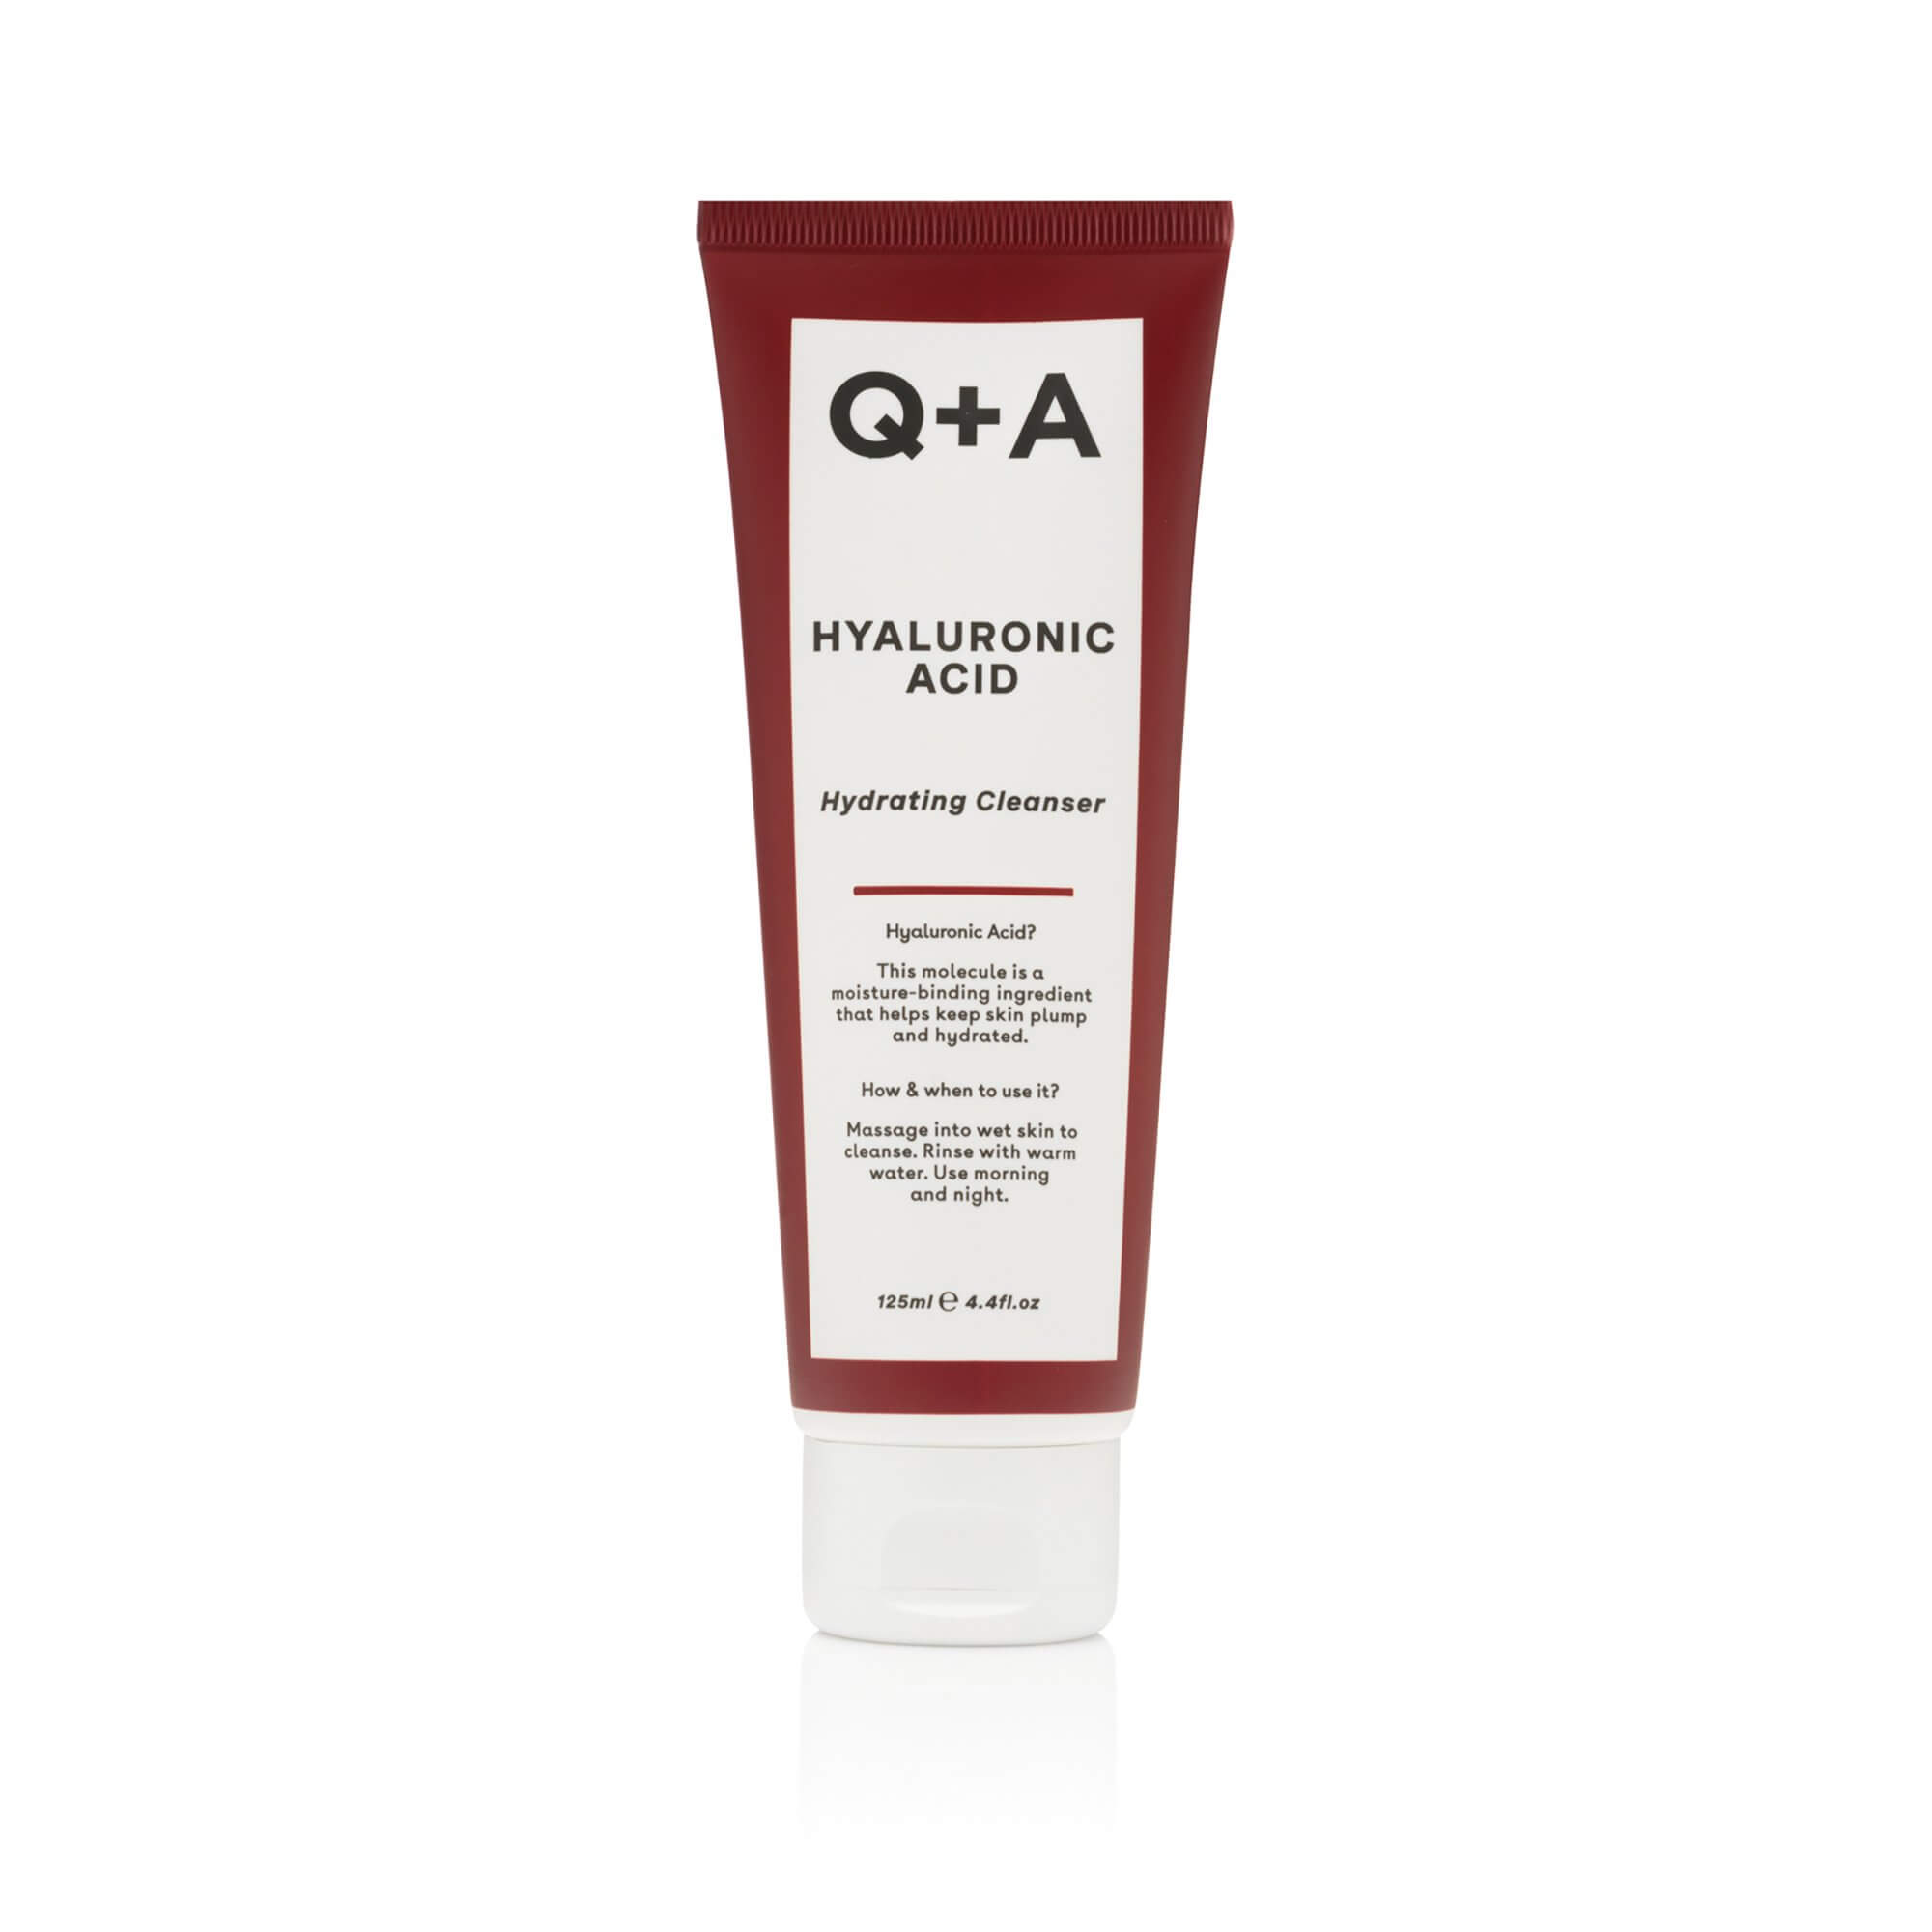 Гель для умывания с гиалуроновой кислотой Q+A Hyaluronic Acid Hydrating Cleanser